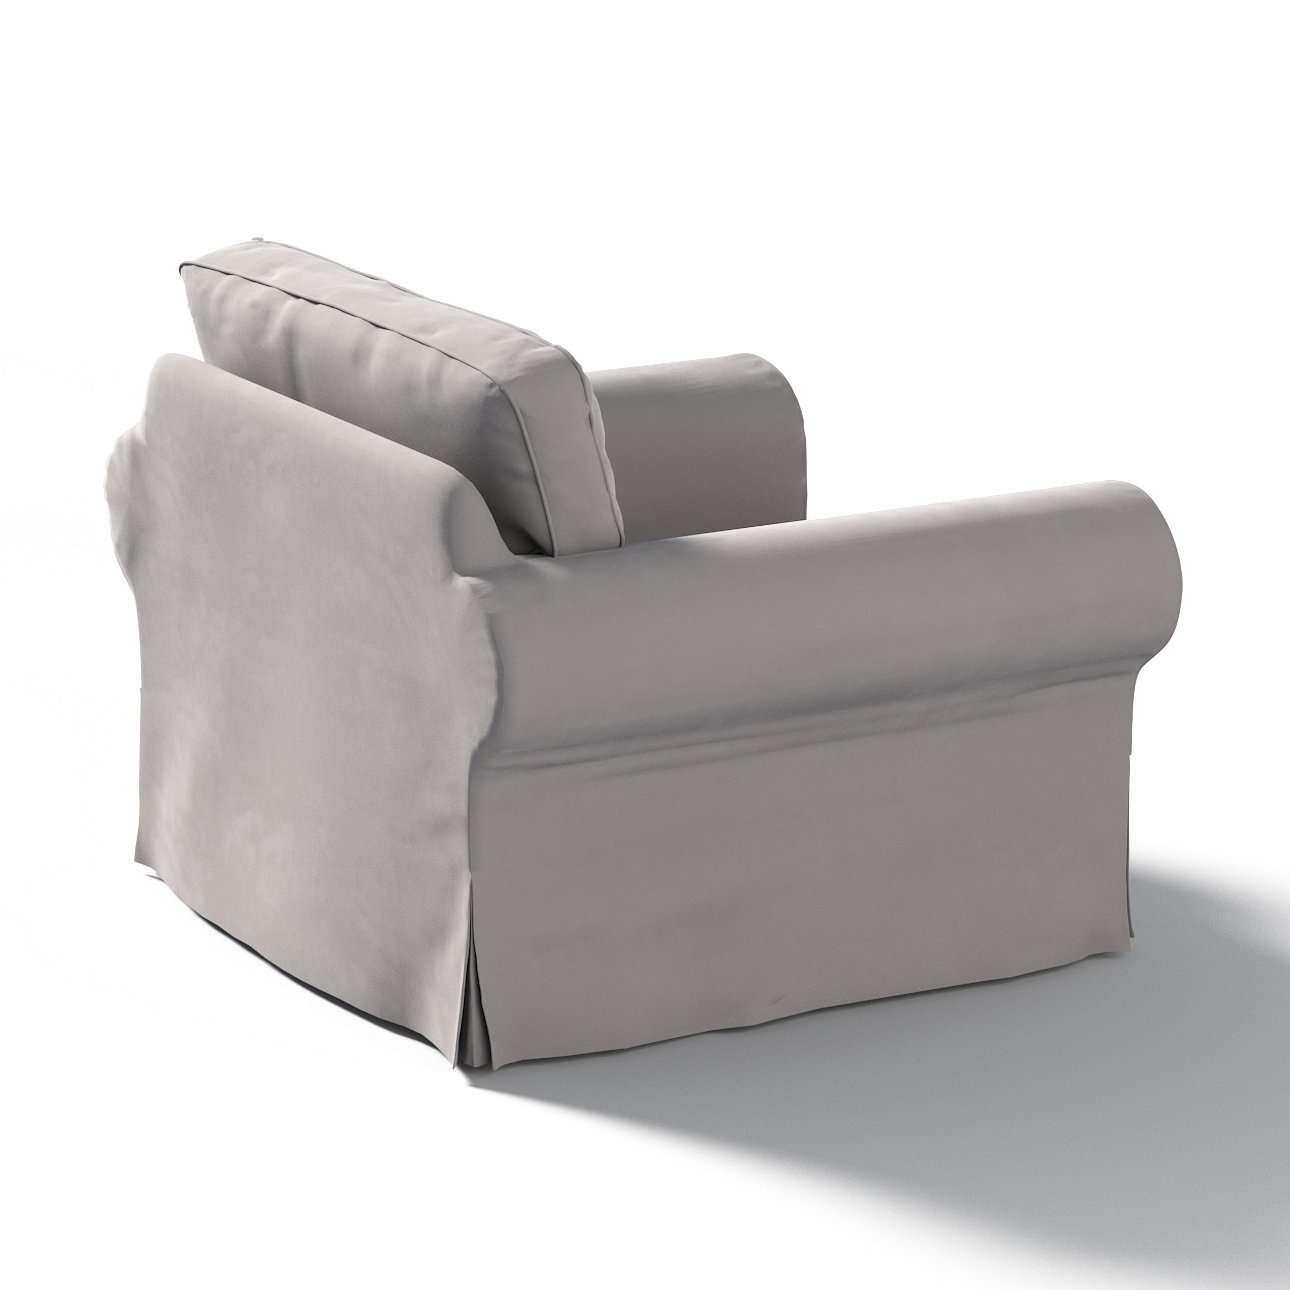 Pokrowiec na fotel Ektorp w kolekcji Velvet, tkanina: 704-11